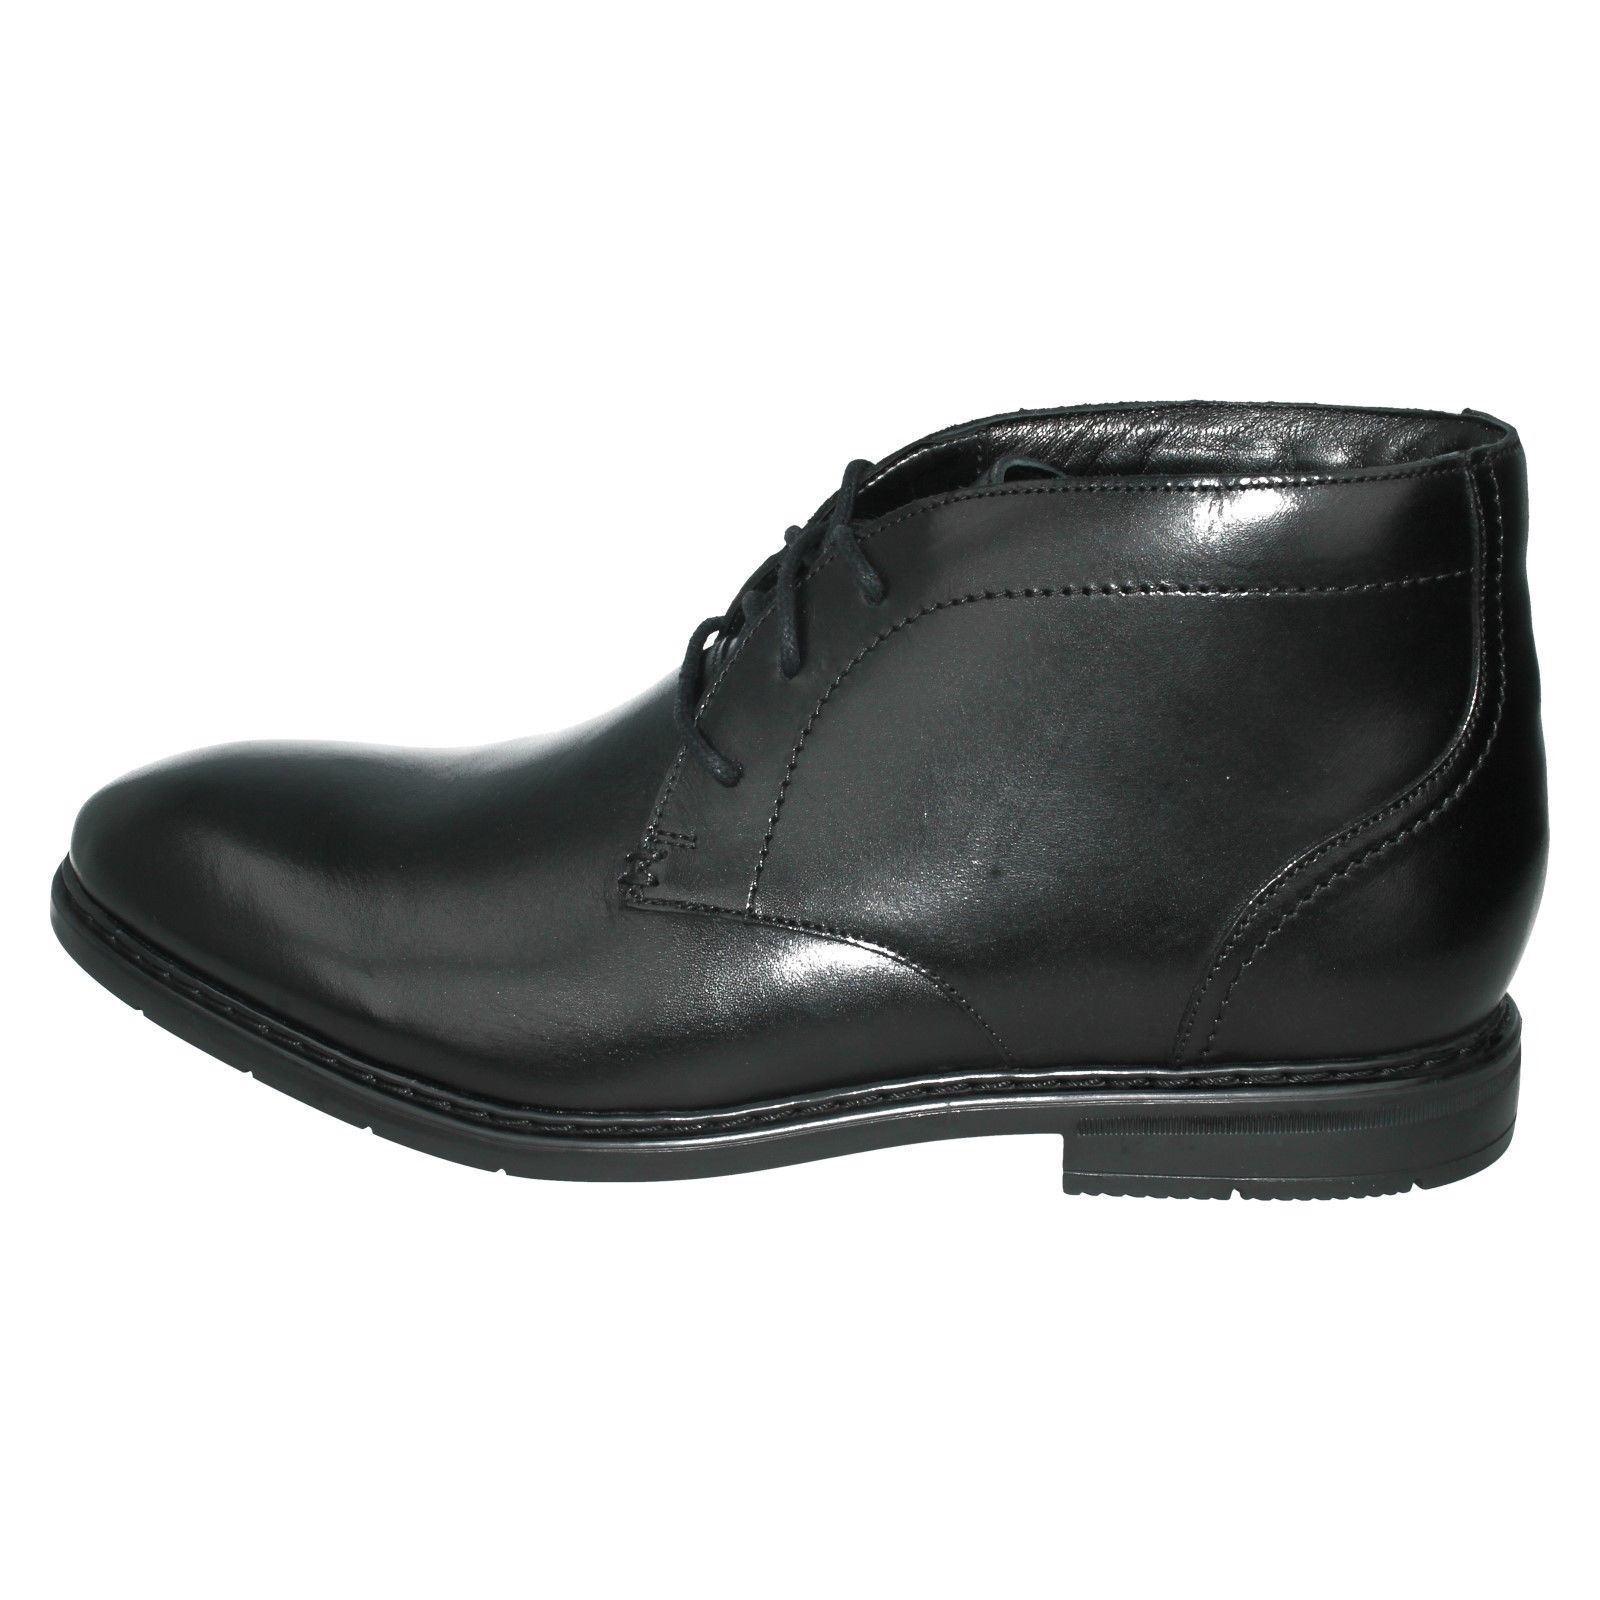 Clarks Banbury Mid Leder Stiefelette Schnüren Zum Schnüren Stiefelette 3927d0